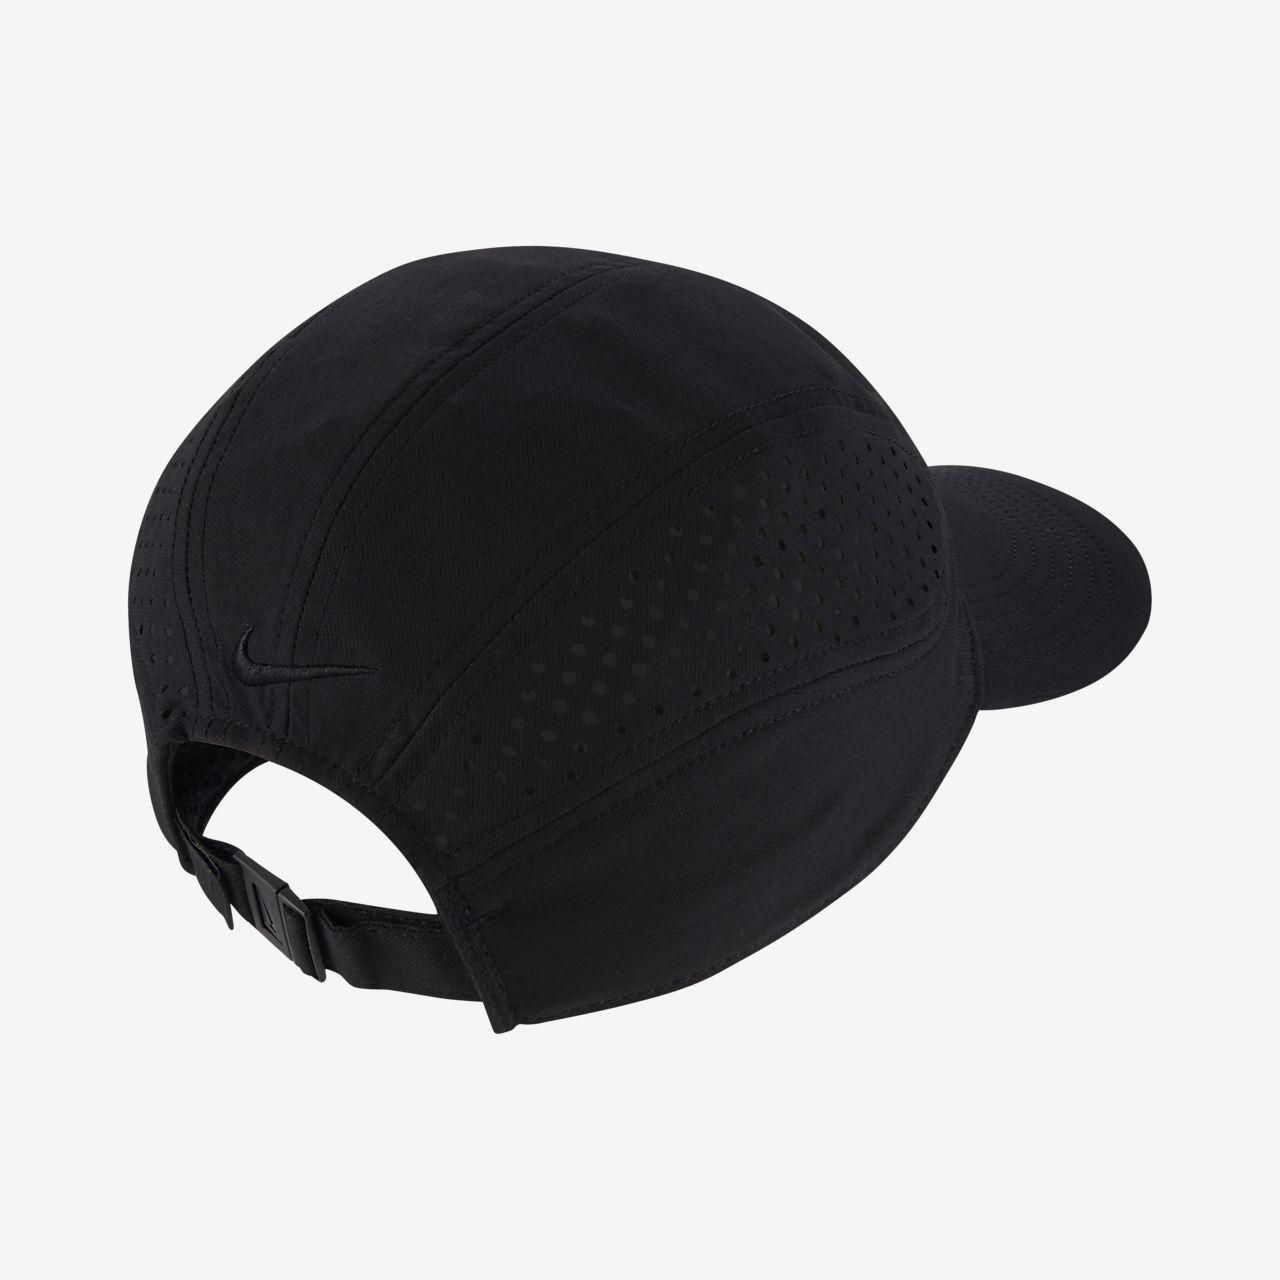 ec973fd5985f77 Nike Dri-FIT FC Barcelona Tailwind Adjustable Hat. Nike.com GB